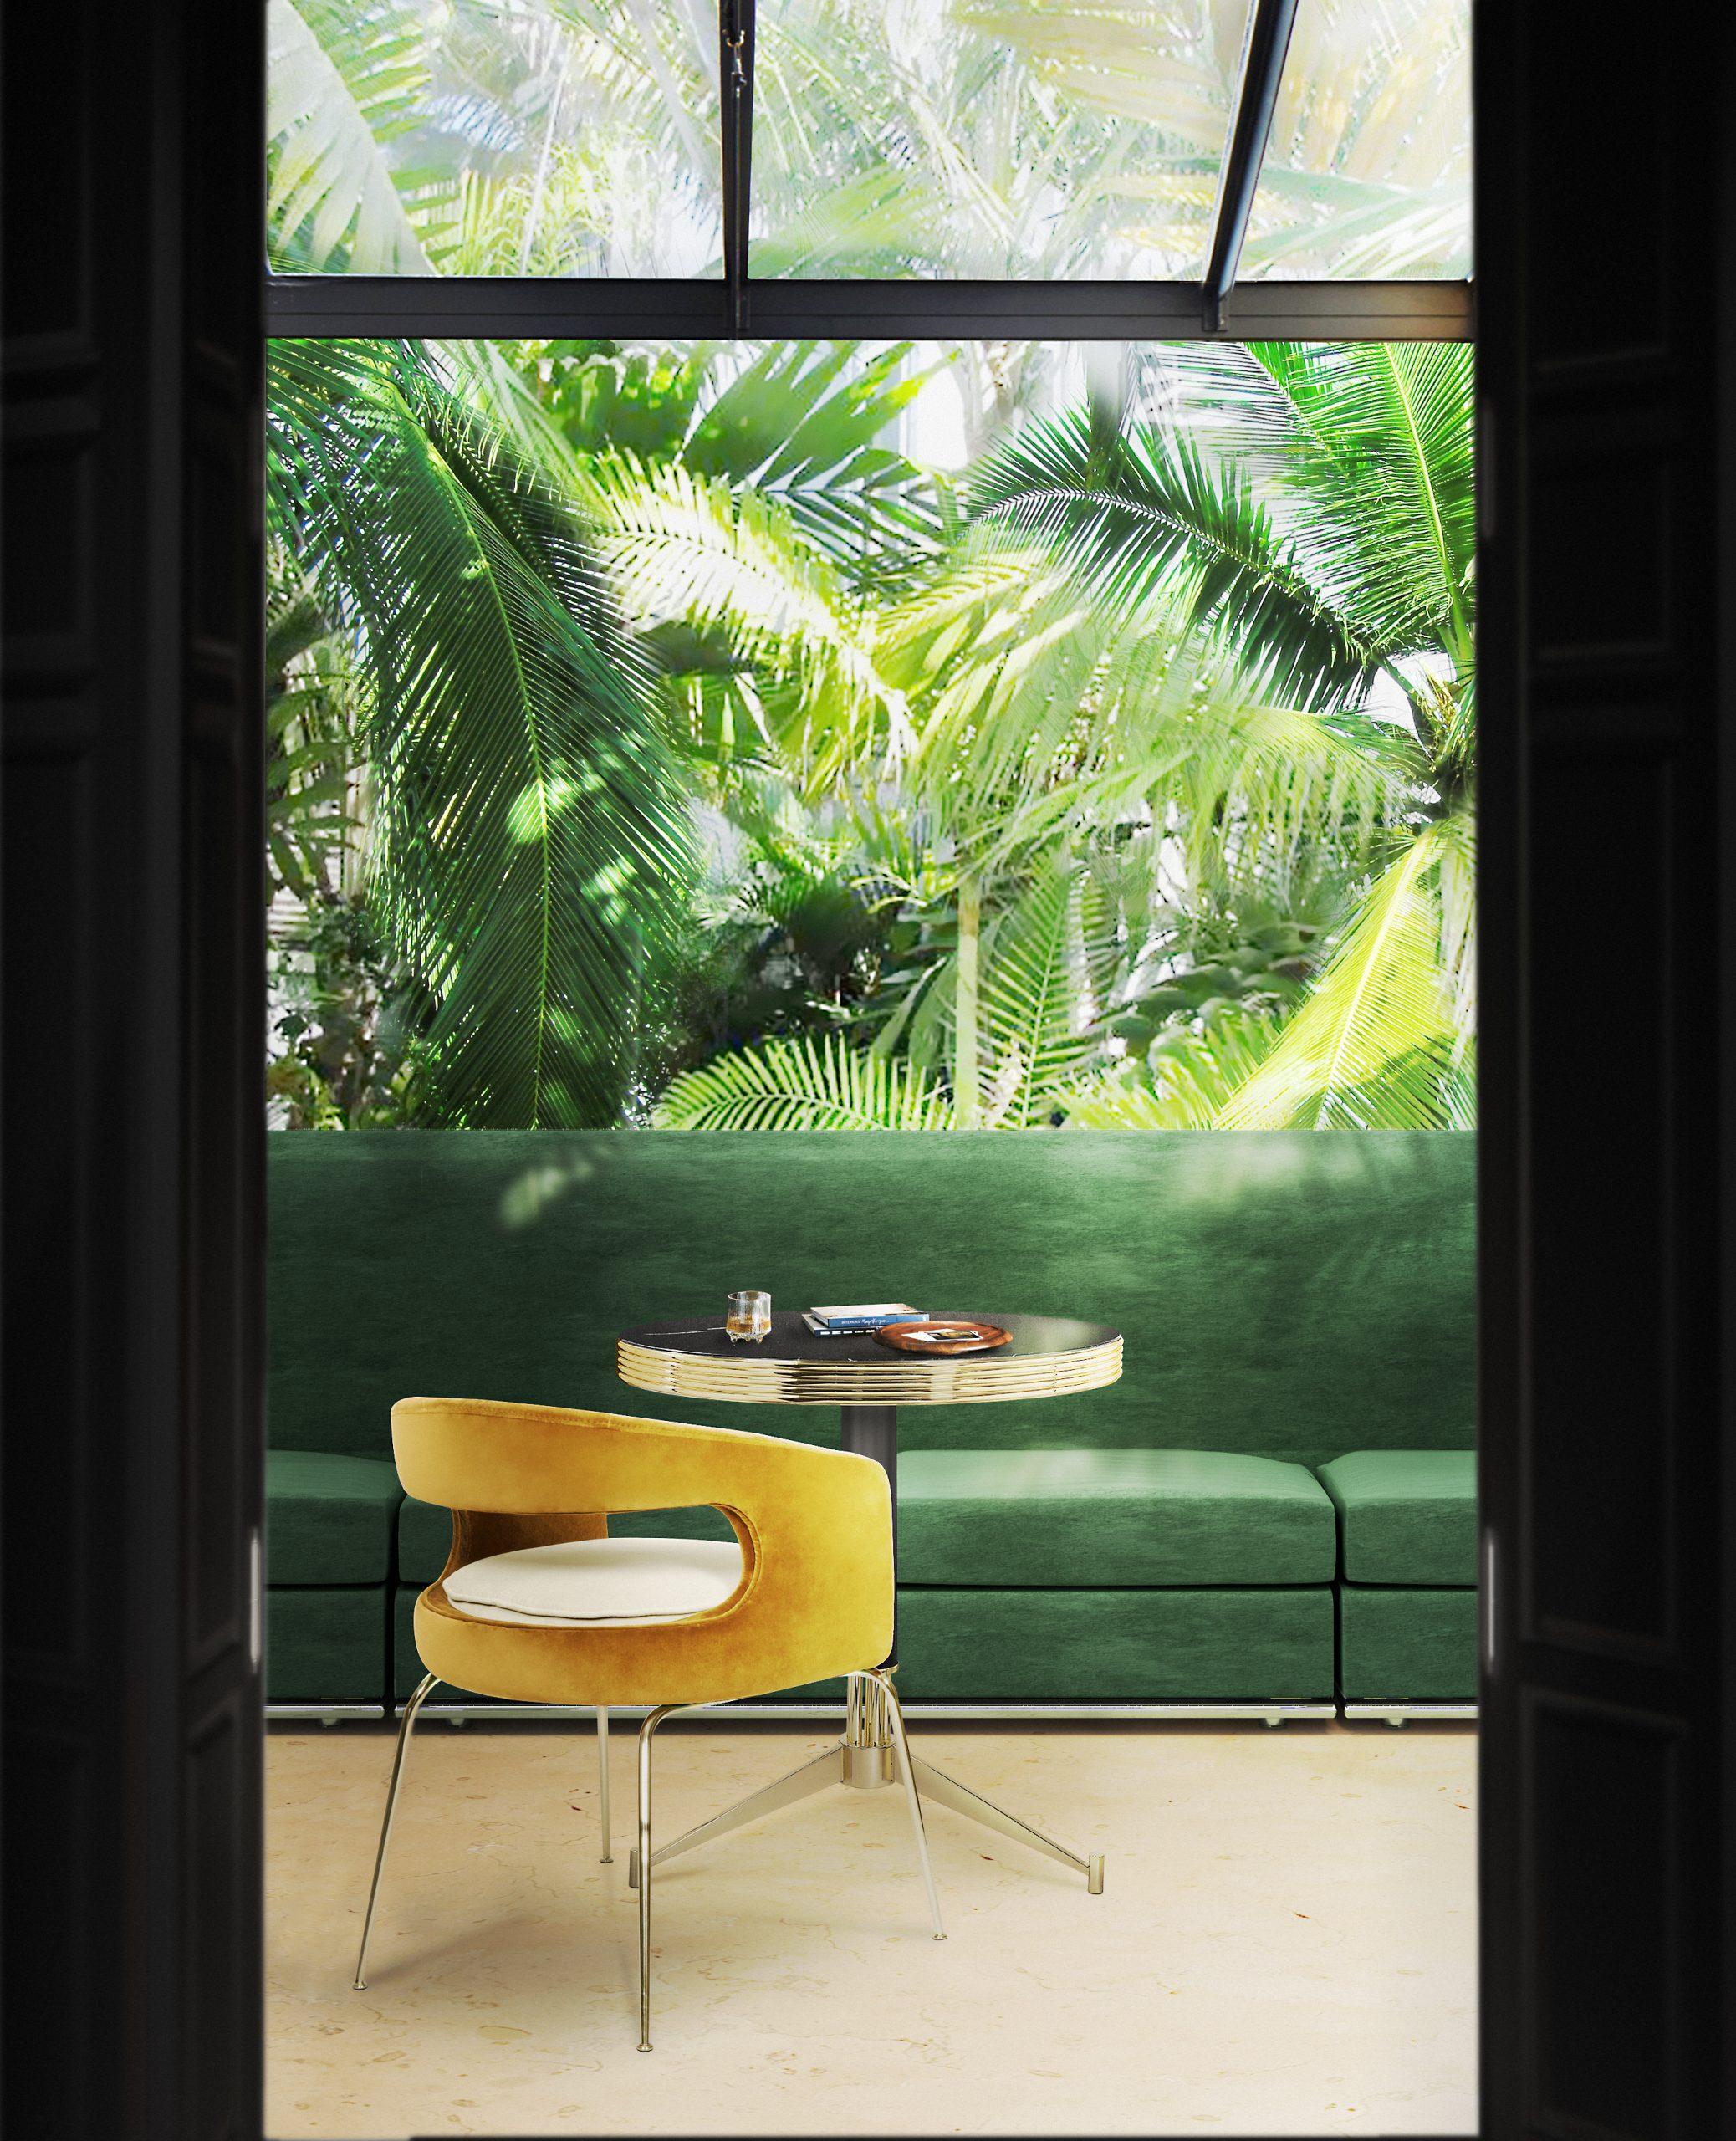 Greeny earthy interior hall